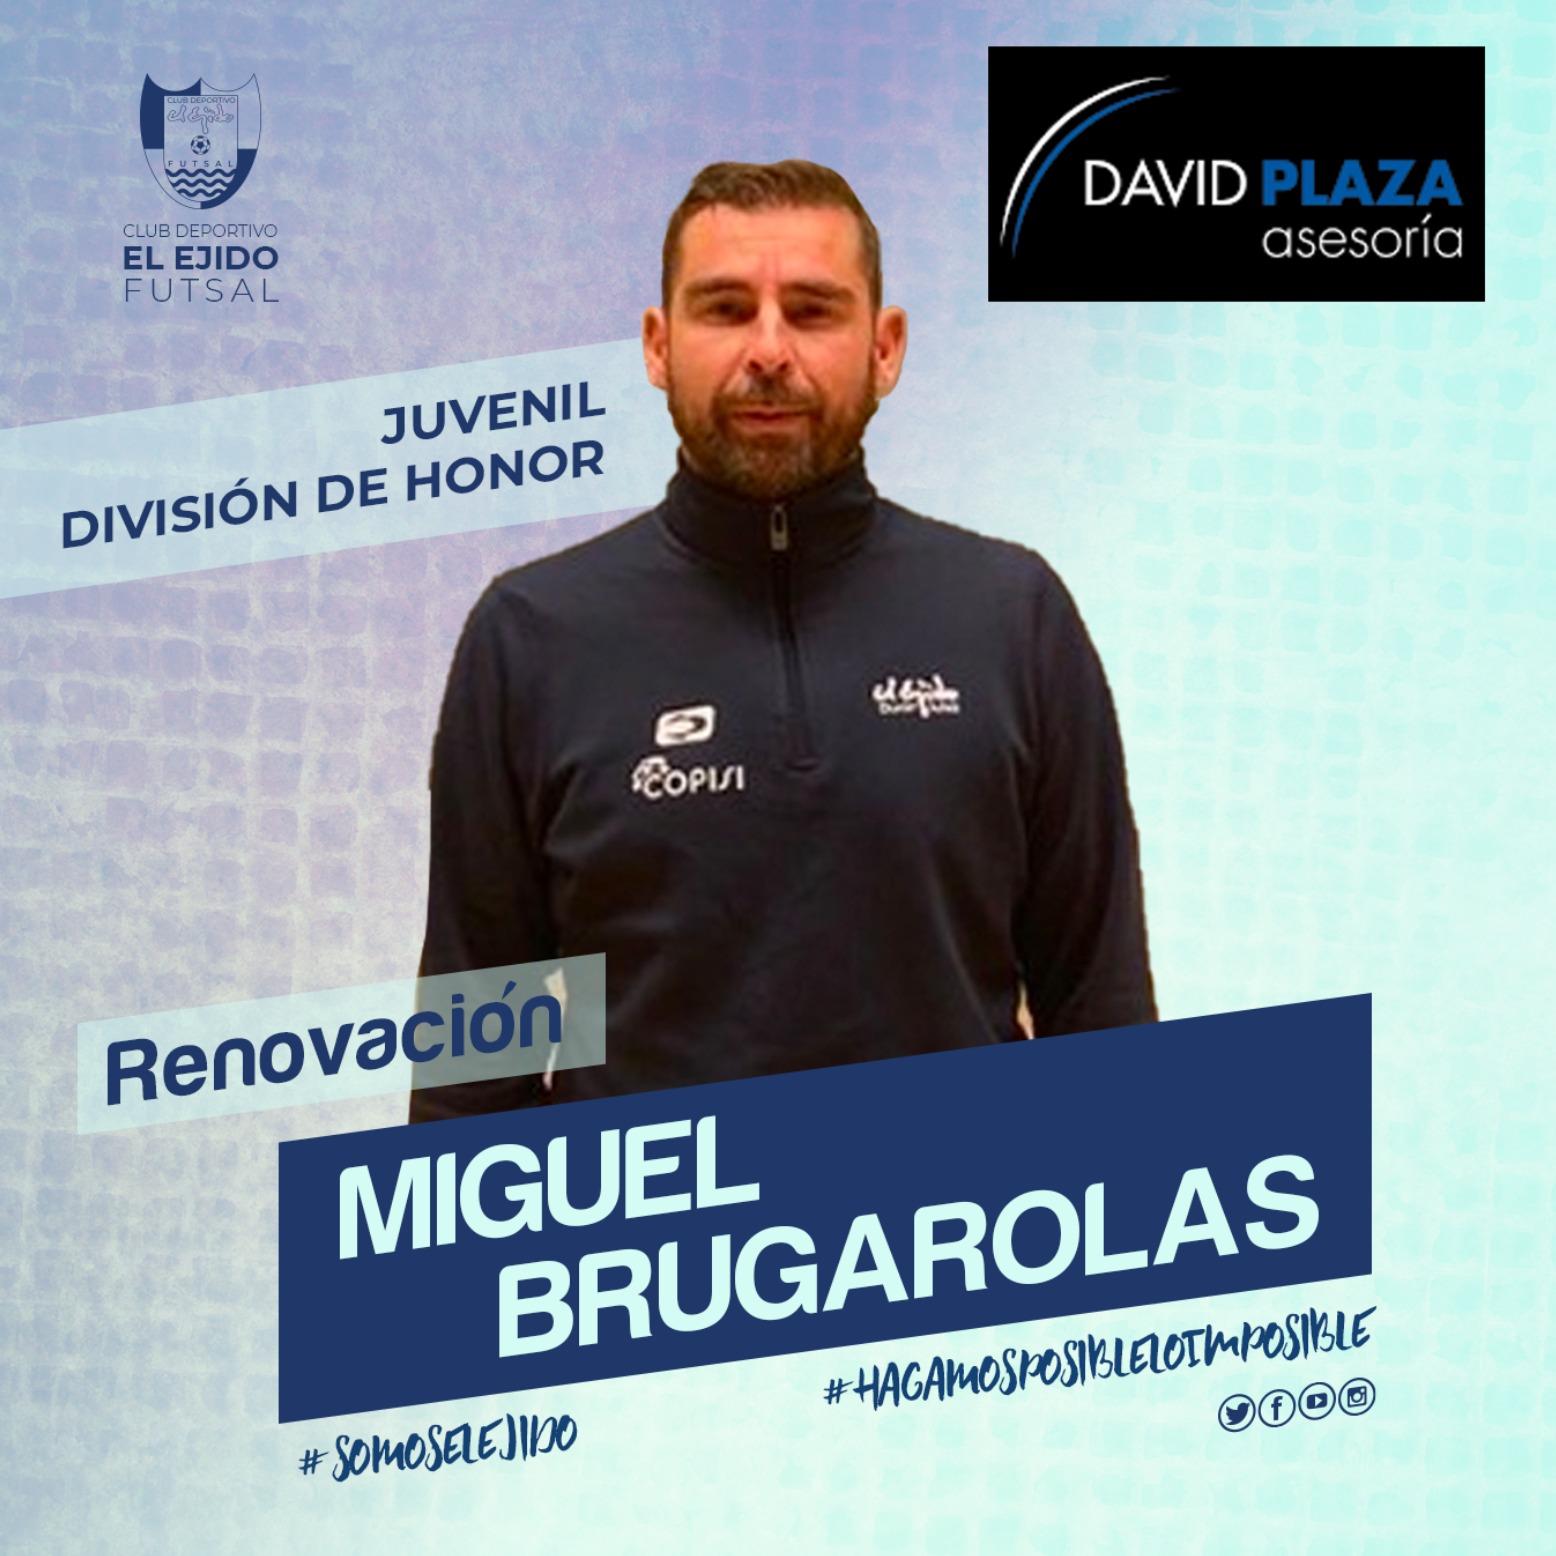 El técnico Miguel Brugarolas continuará al frente del Juvenil División de Honor